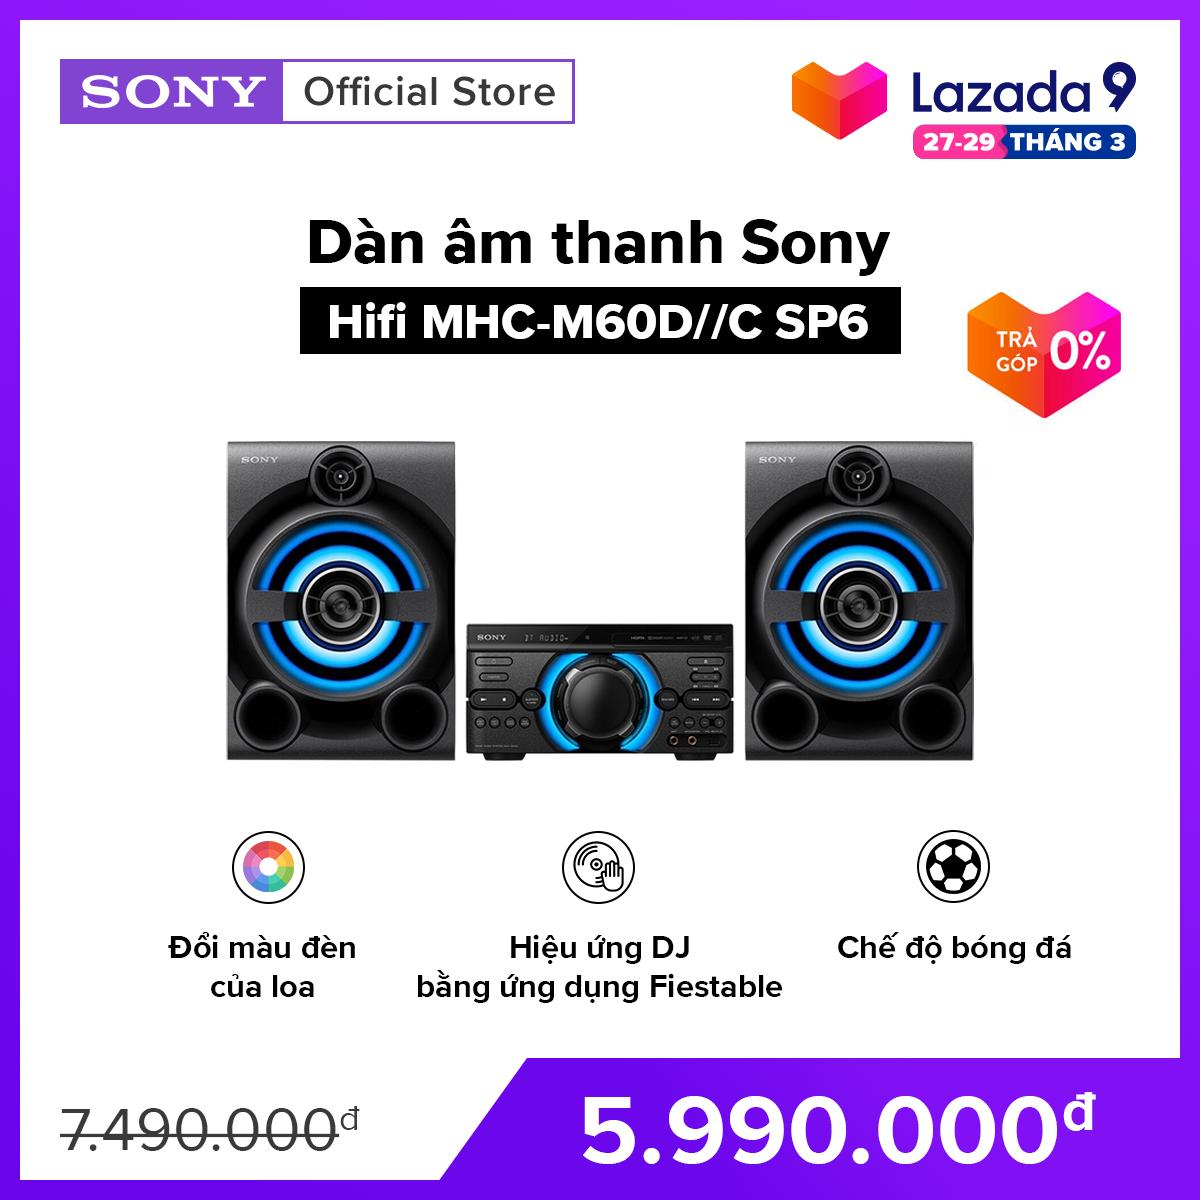 [VOUCHER 300K – HÀNG CHÍNH HÃNG – TRẢ GÓP 0%] Dàn âm thanh Sony Hifi MHC-M60D//C SP6 Điều khiển hiệu ứng DJ Chế độ bóng đá Đầu phát DVD tích hợp có ngõ ra HDMI